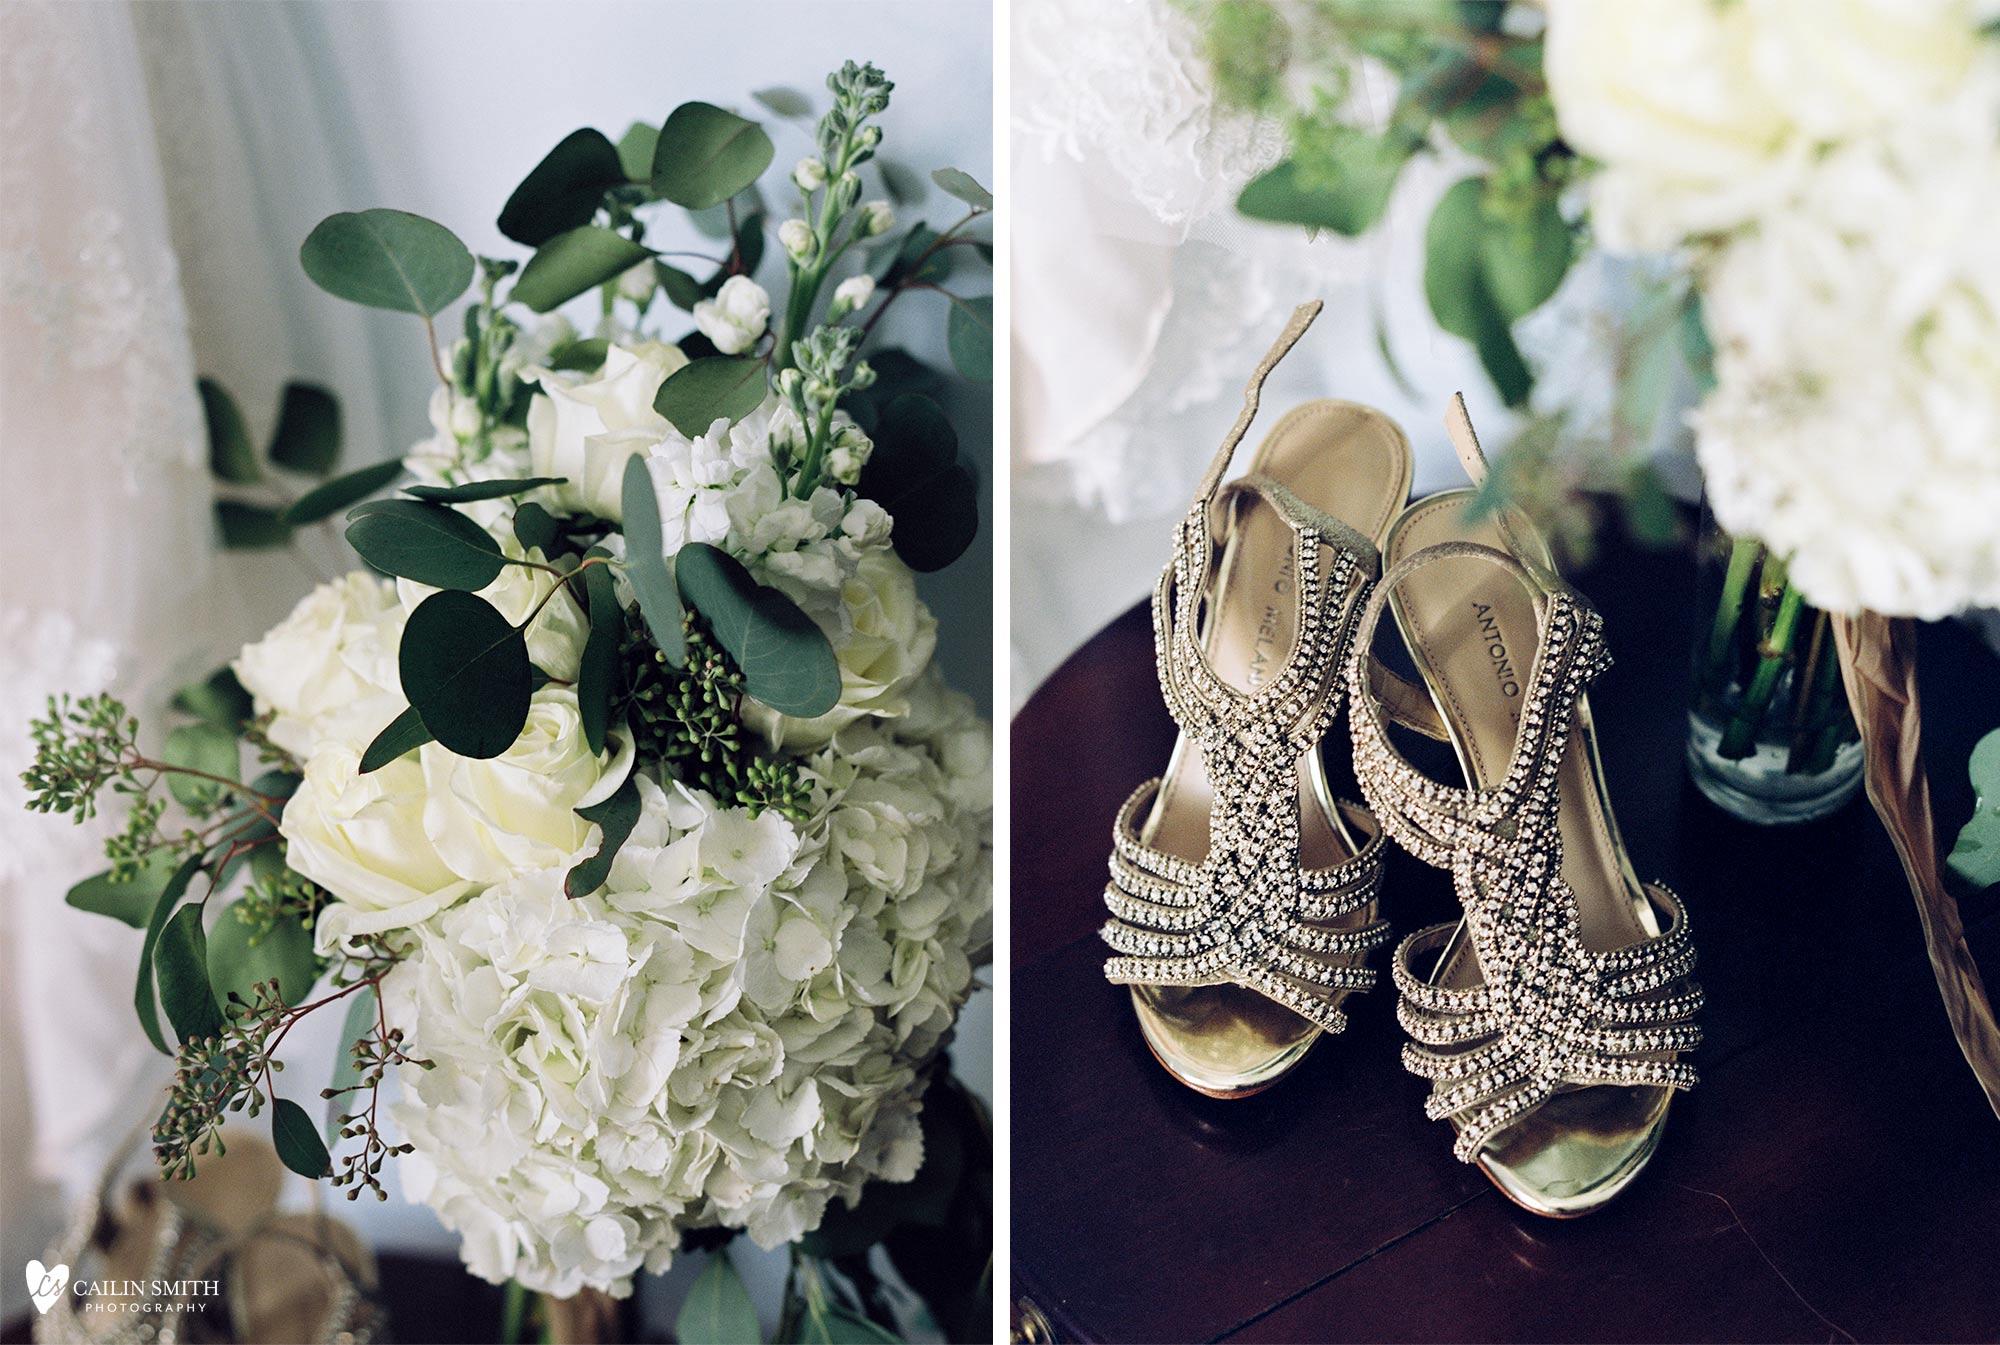 Leah_Major_St_Marys_Wedding_Photography_006.jpg